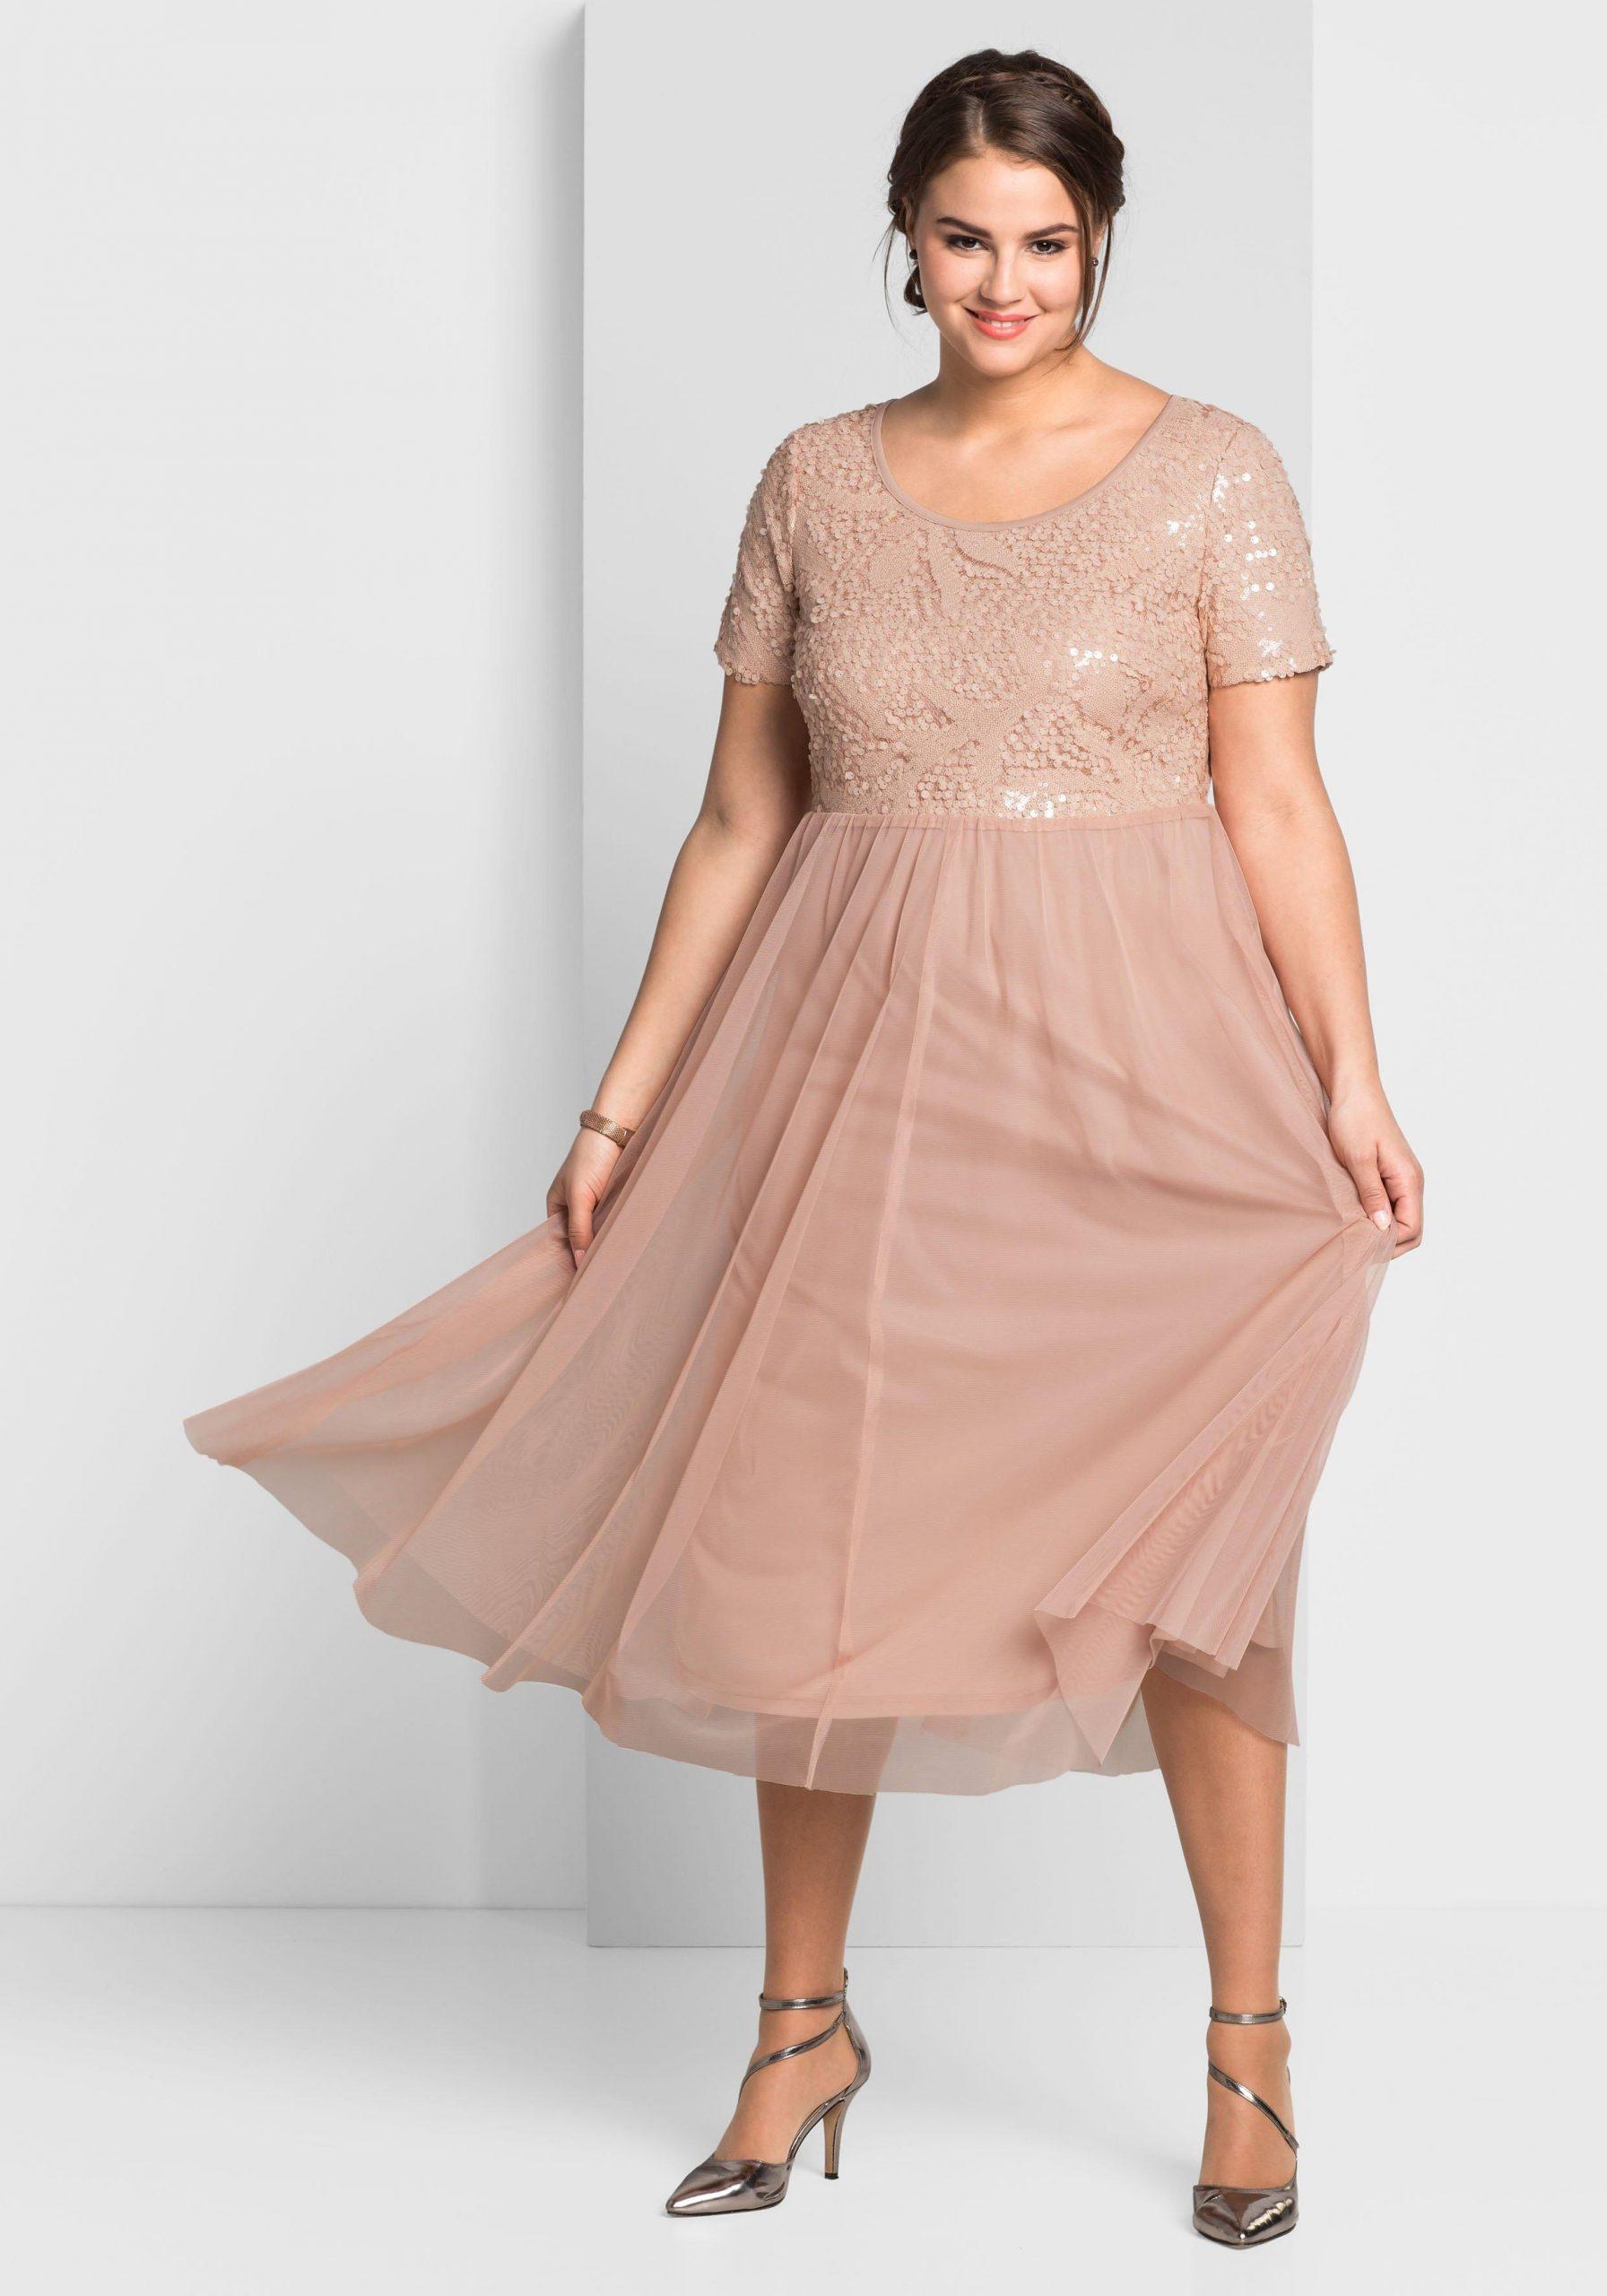 Formal Schön Abendkleid In Großen Größen Design Coolste Abendkleid In Großen Größen Vertrieb